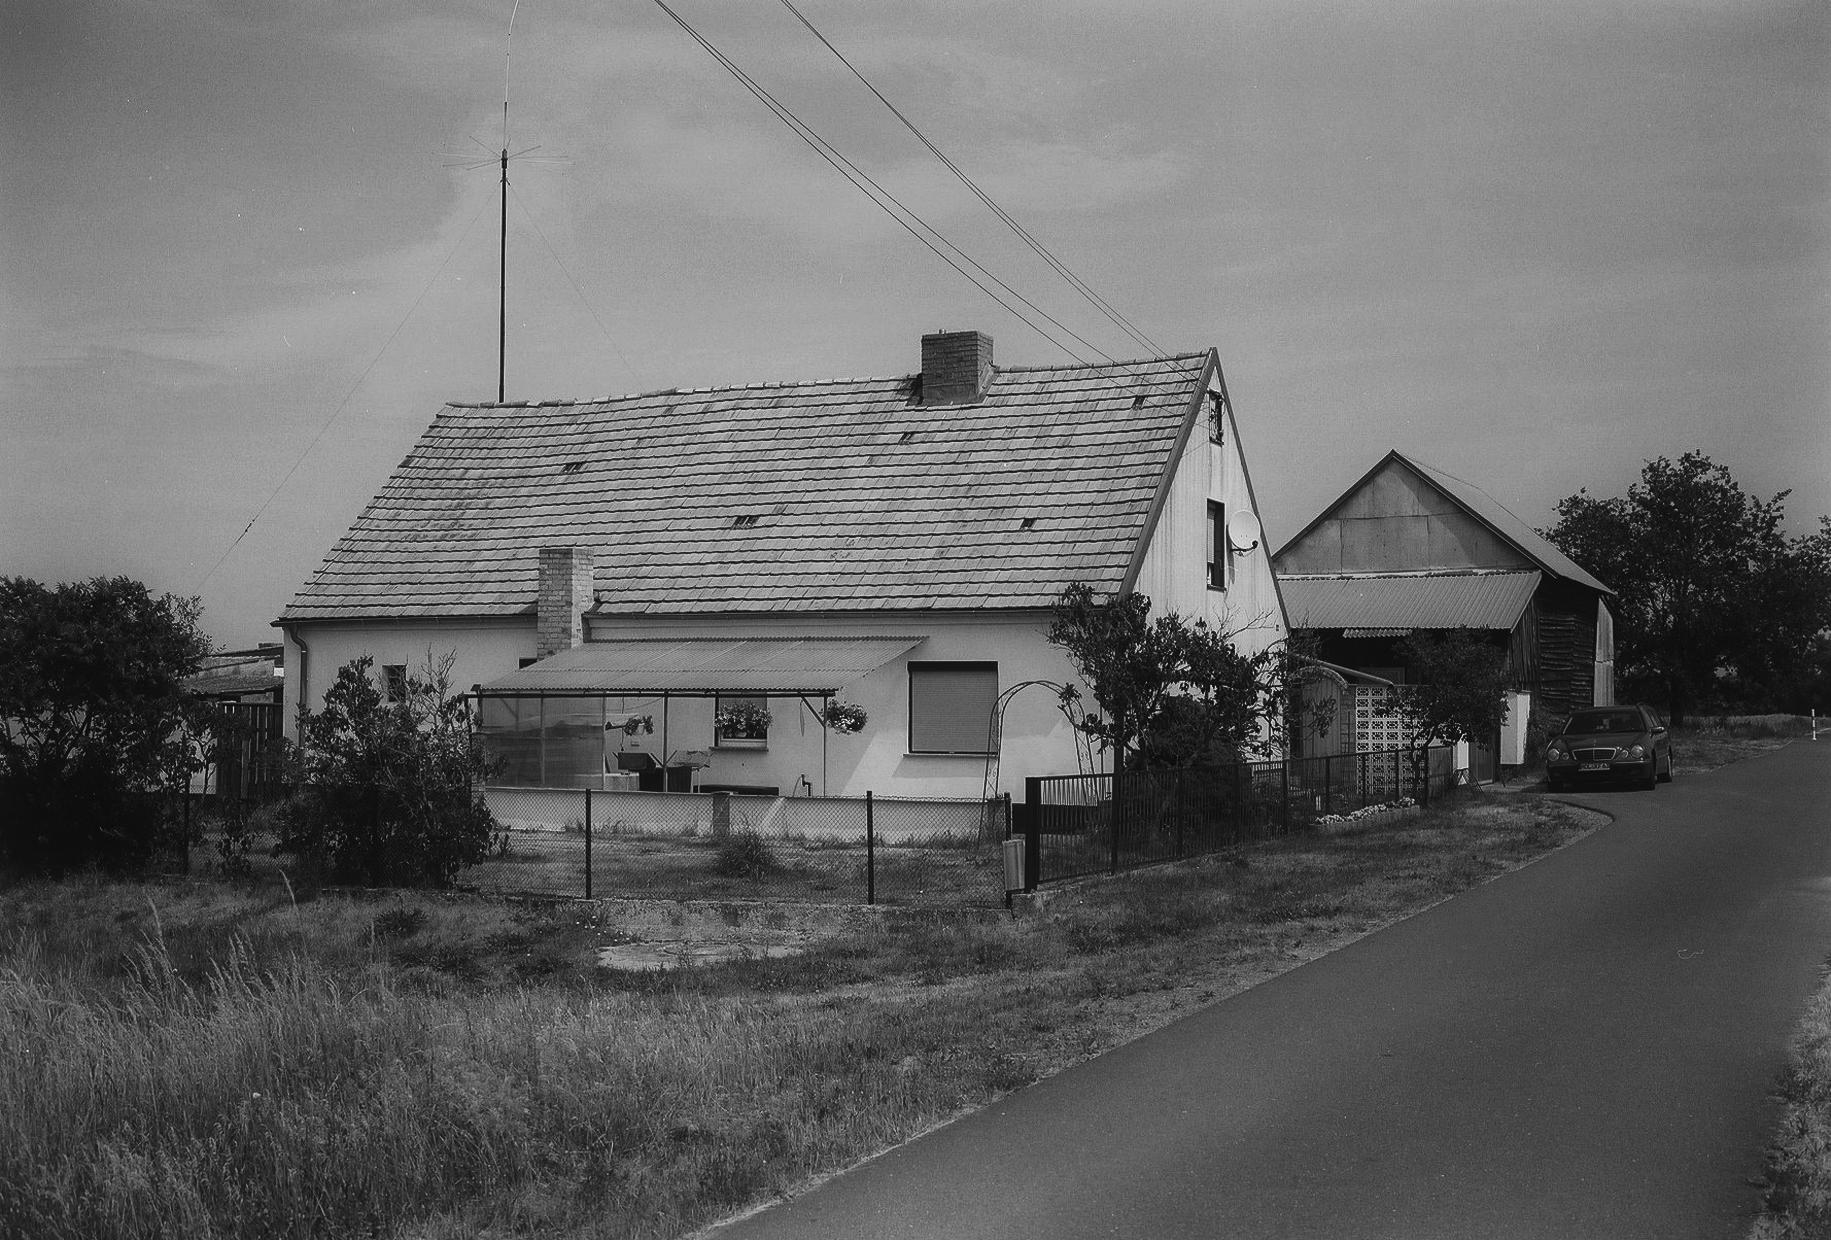 Germany, Neuhardenberg